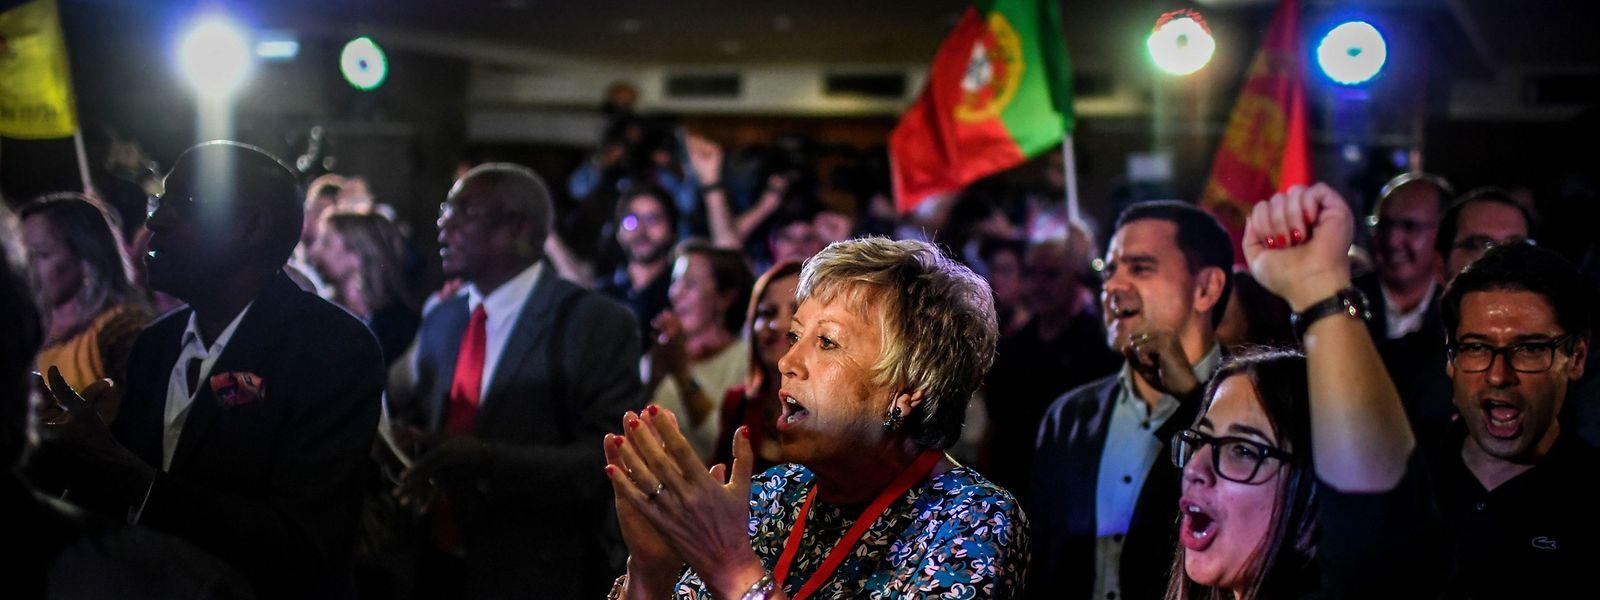 Politisch gehört Portugal zu den bedingungslos Pro-europäischsten Staaten der EU.